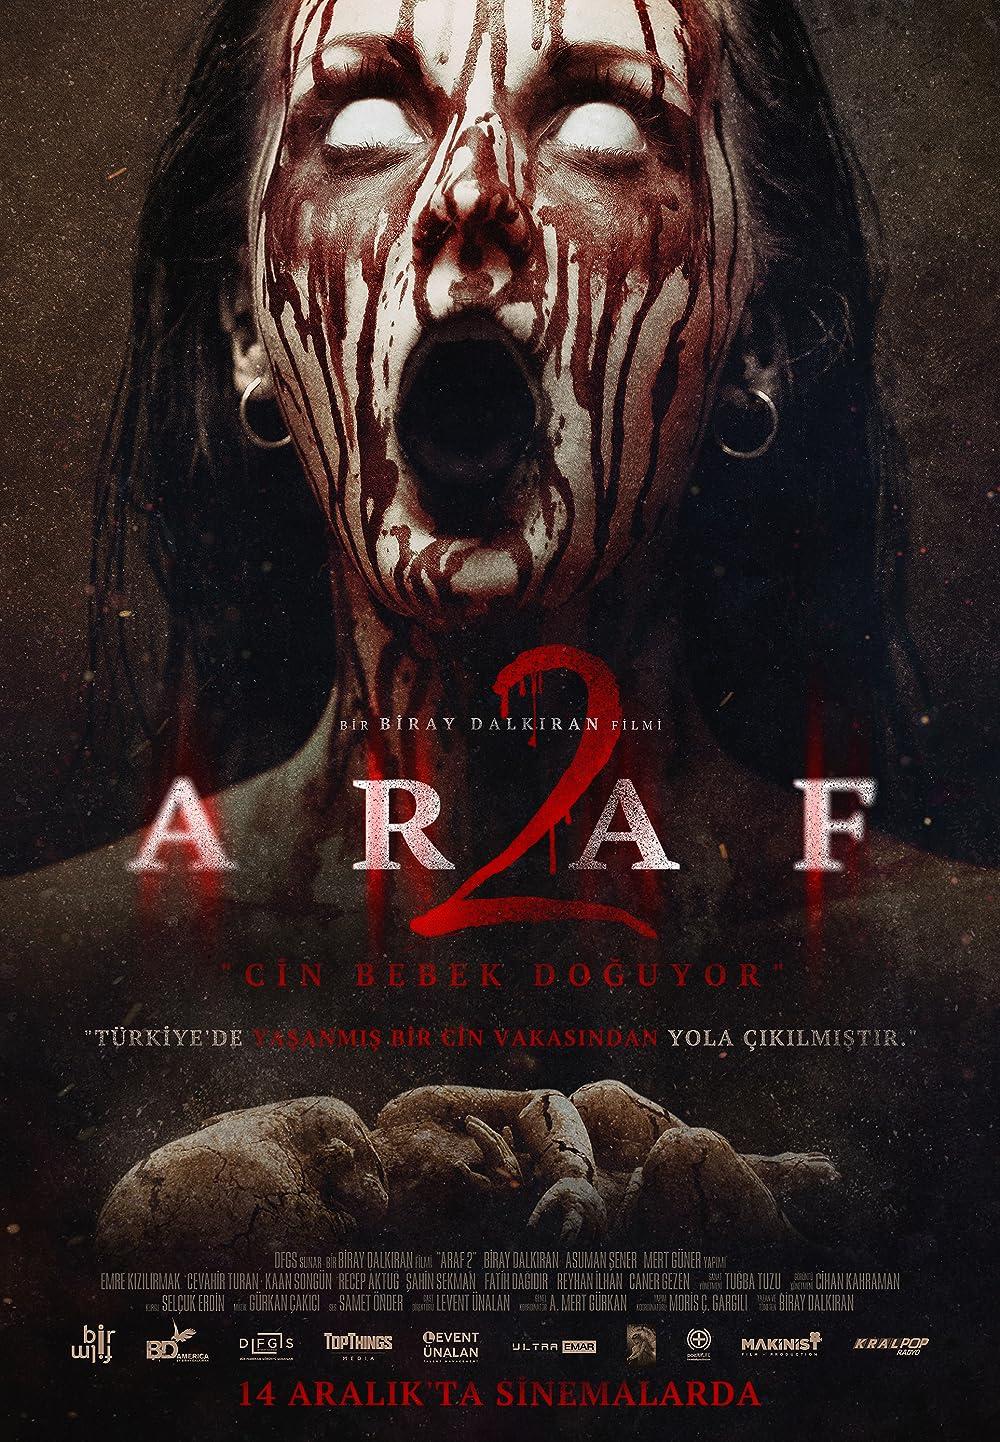 Araf 2 (2019) Hindi Dual Audio 300MB HDRip Download